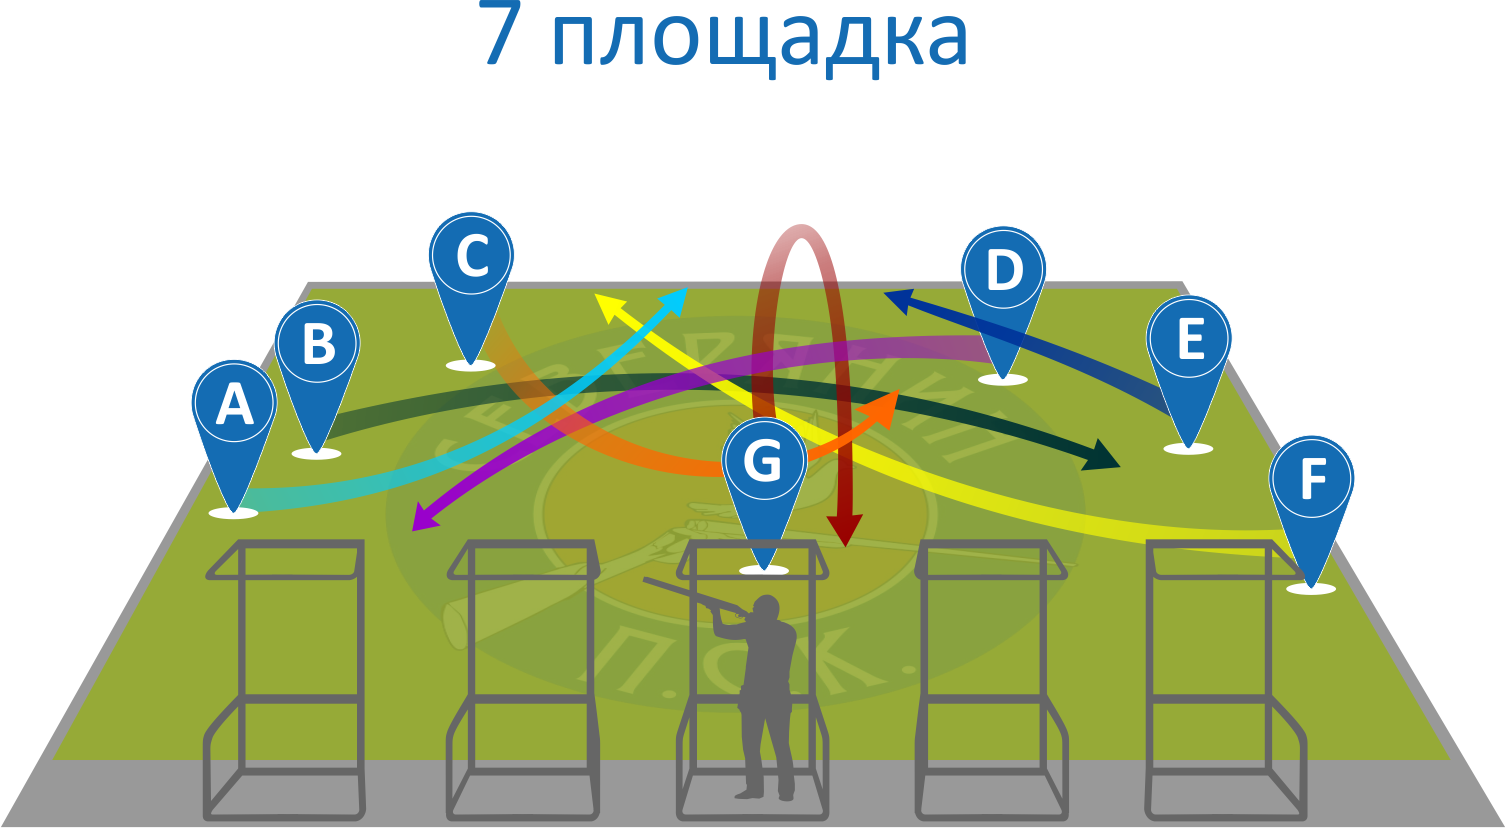 Площадка 7